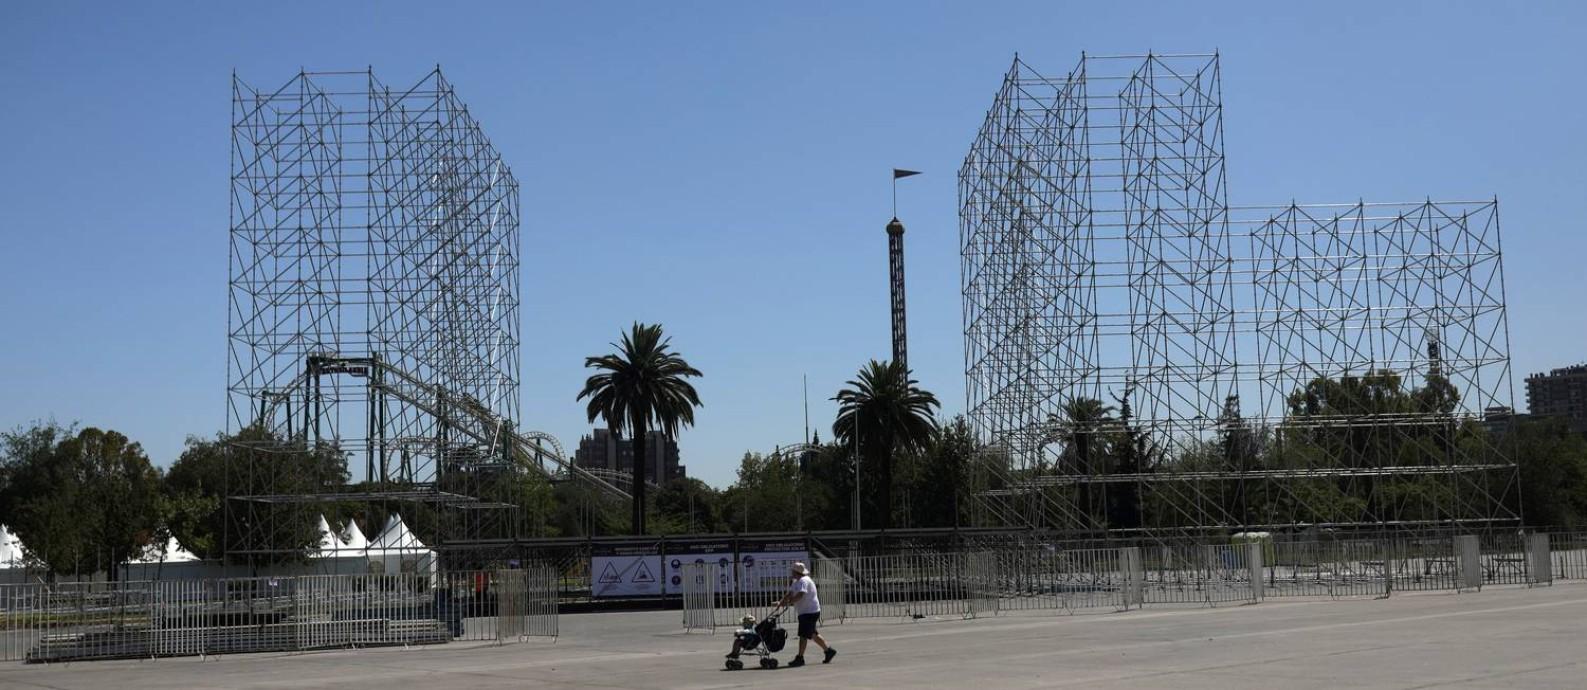 O local onde seria realizado o Lollapalooza em Santiago do Chile, na quinta-feira, logo após o anúncio do cancelamento do festival por causa do coronavírus Foto: Pablo Sanhueza / Reuters